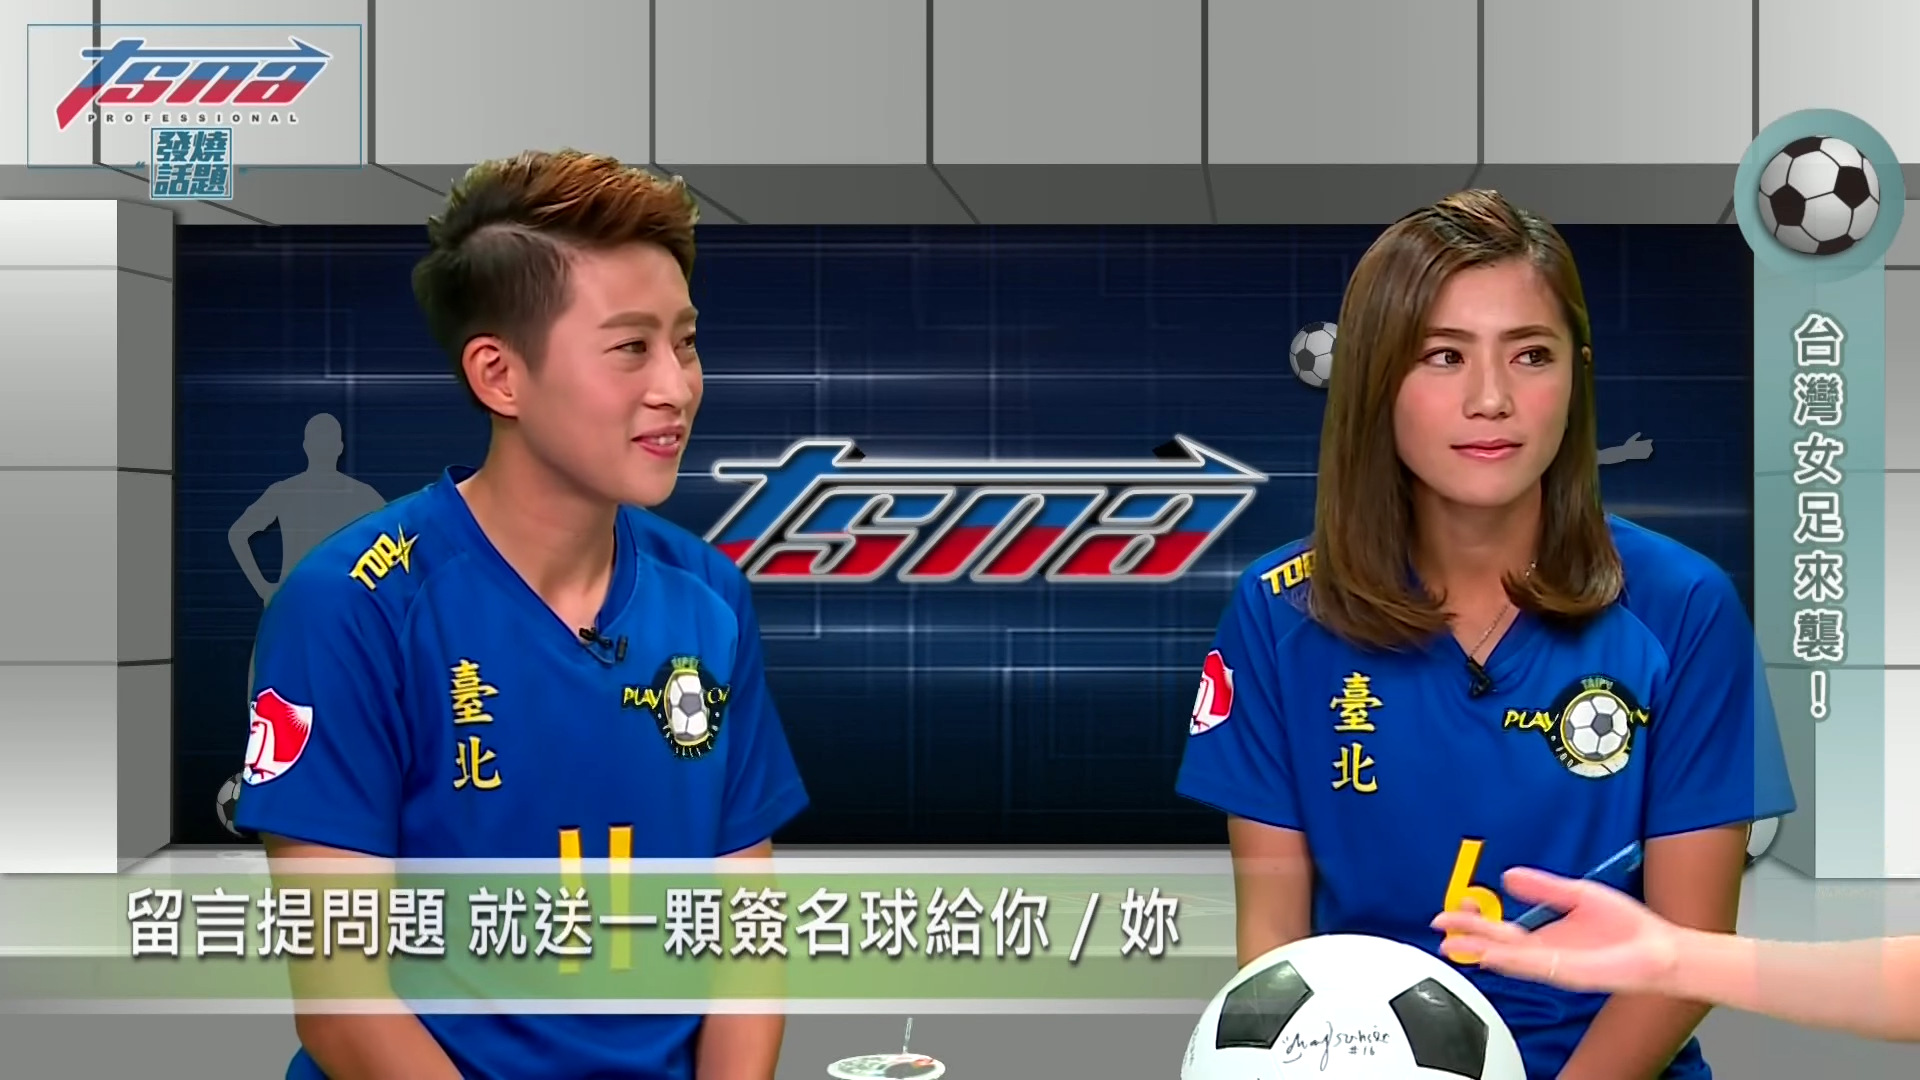 張愫心(右)與陳燕萍(左)。(TSNA直播截圖)